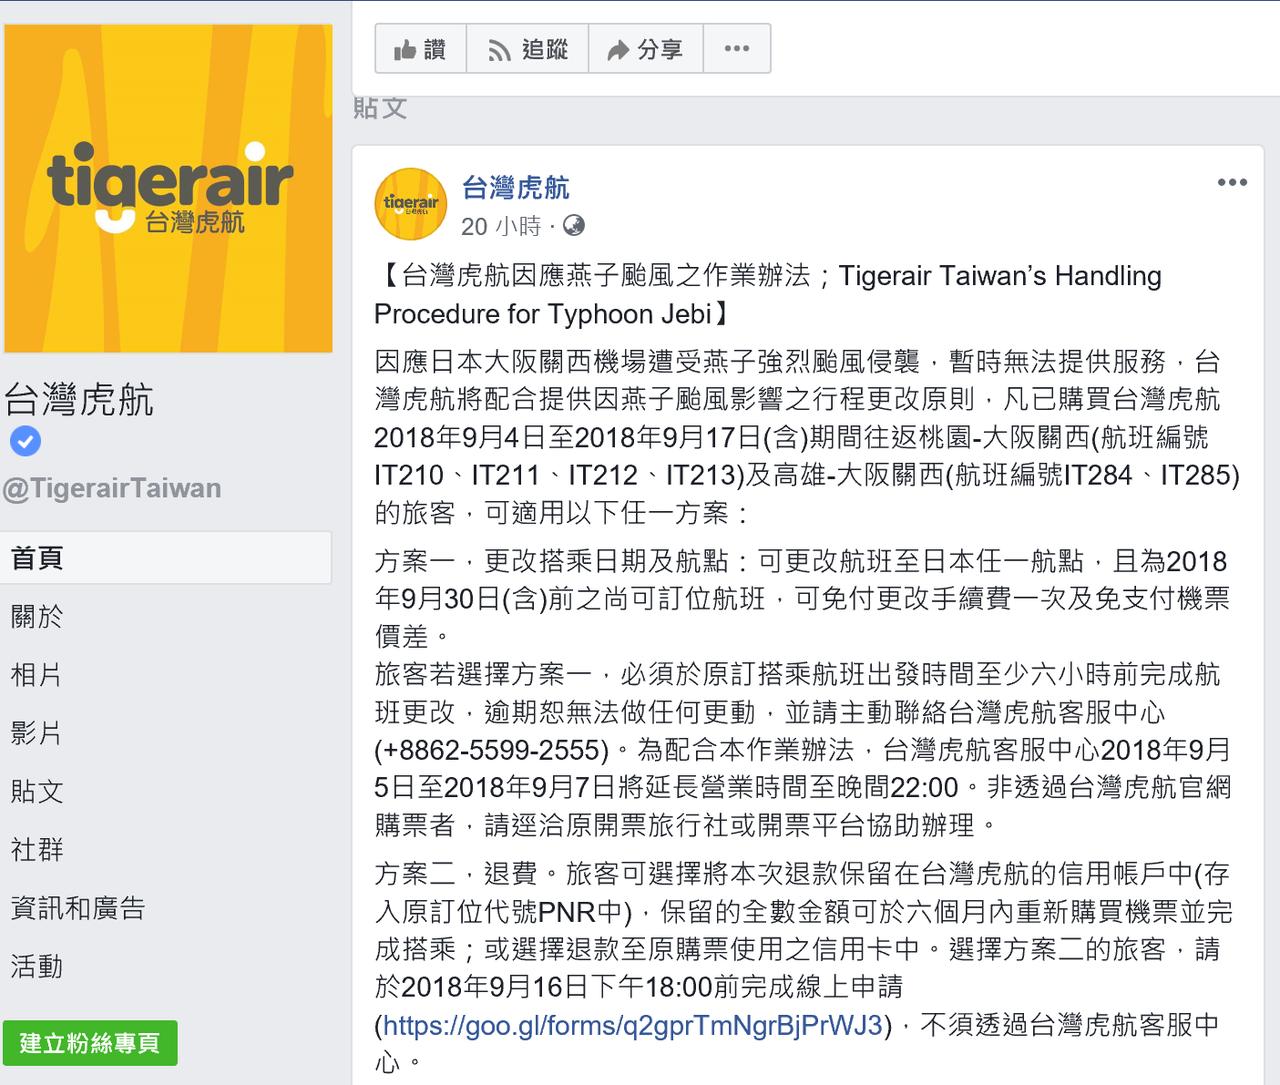 關西機場航班大亂,多家航空也陸續公布停飛及退票規則。圖/翻攝自台灣虎航粉絲團